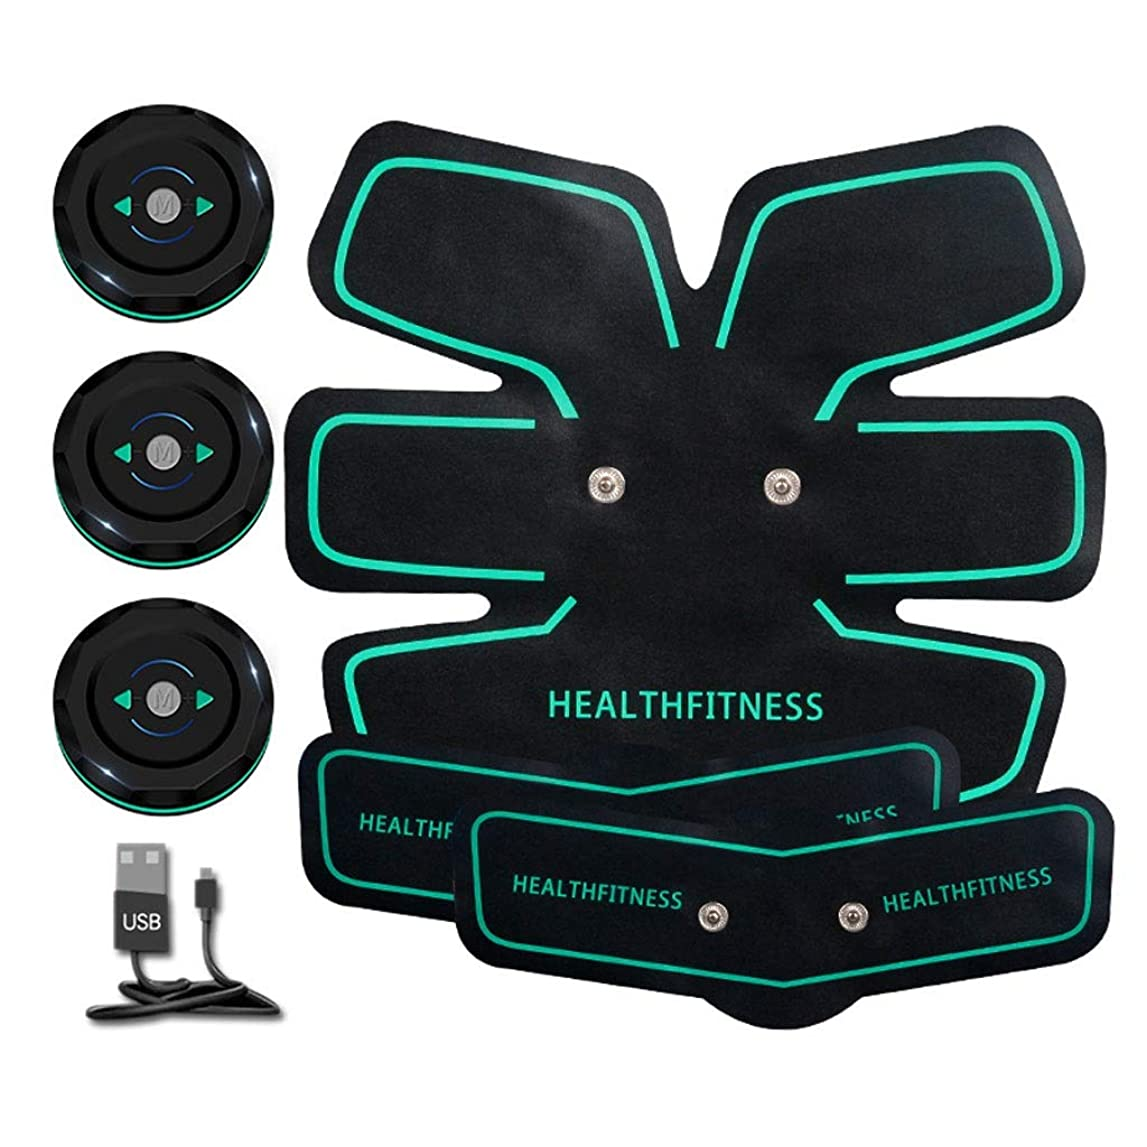 住所詐欺厳しい刺激装置、腹部調子を整えるベルトマッスルトナーポータブルマッスルトレーナー、ボディマッスルフィットネストレーナー6モード9レベル簡単操作用腹部アーム (Color : Green, Size : A+2B)